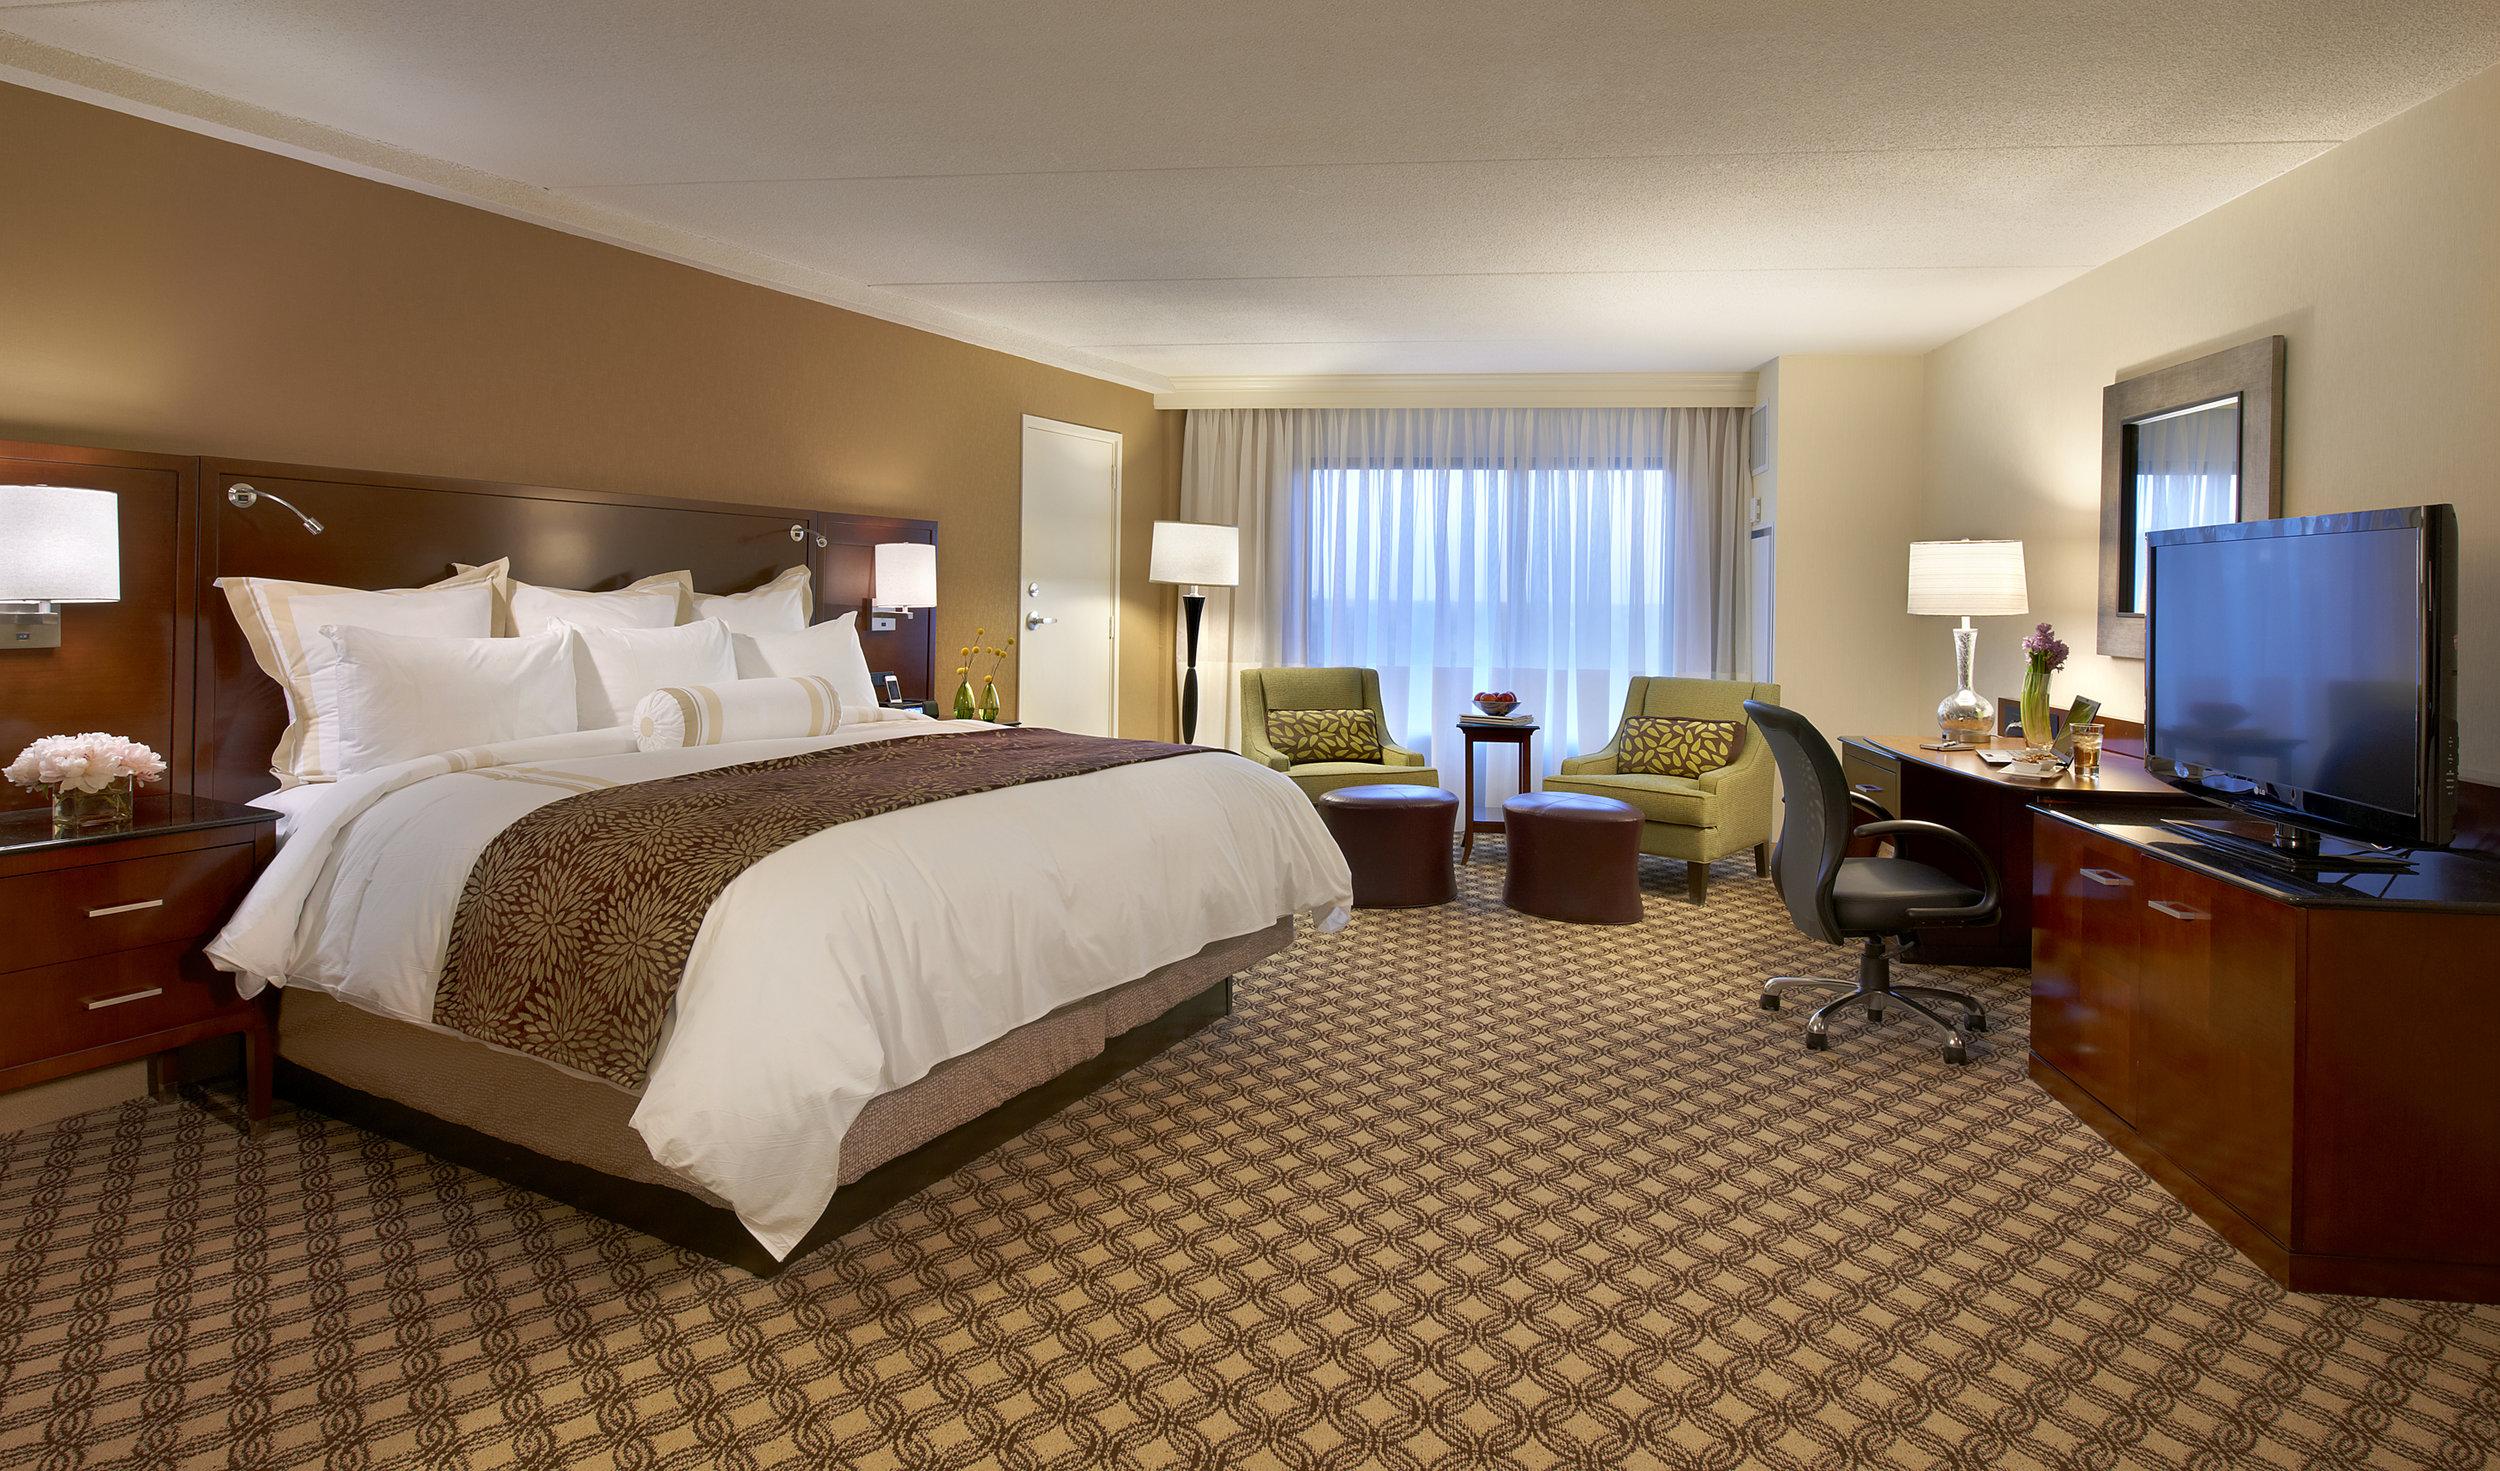 Marriott Naperville_Guest Room #1.jpg